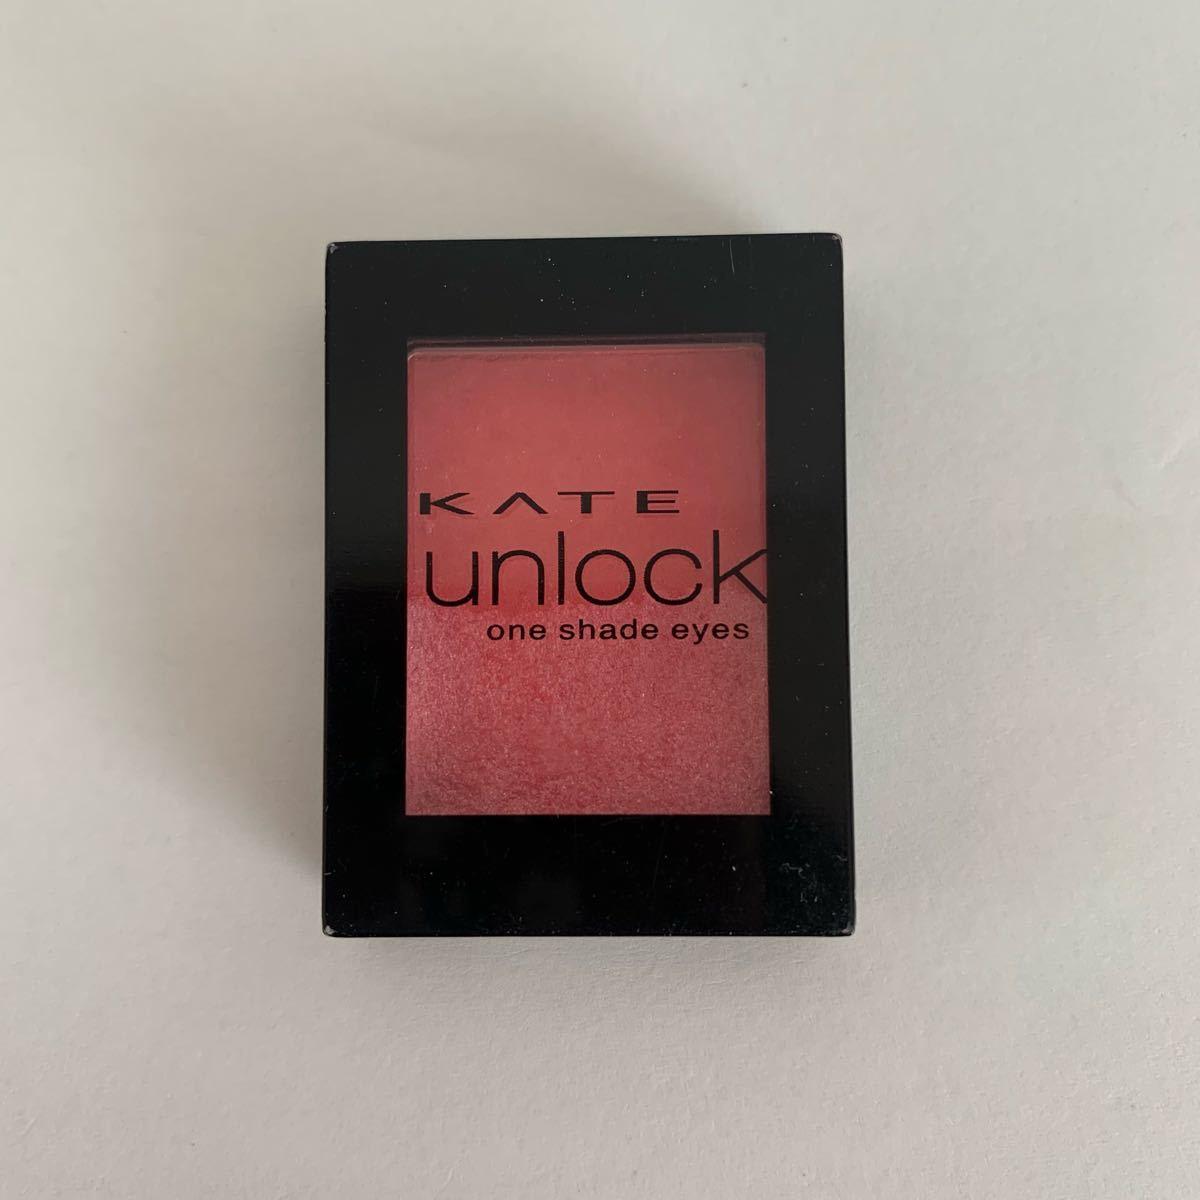 ケイトワンシェードアイズアイシャドウRD-1*レッド赤色ピンク色アイシャドー